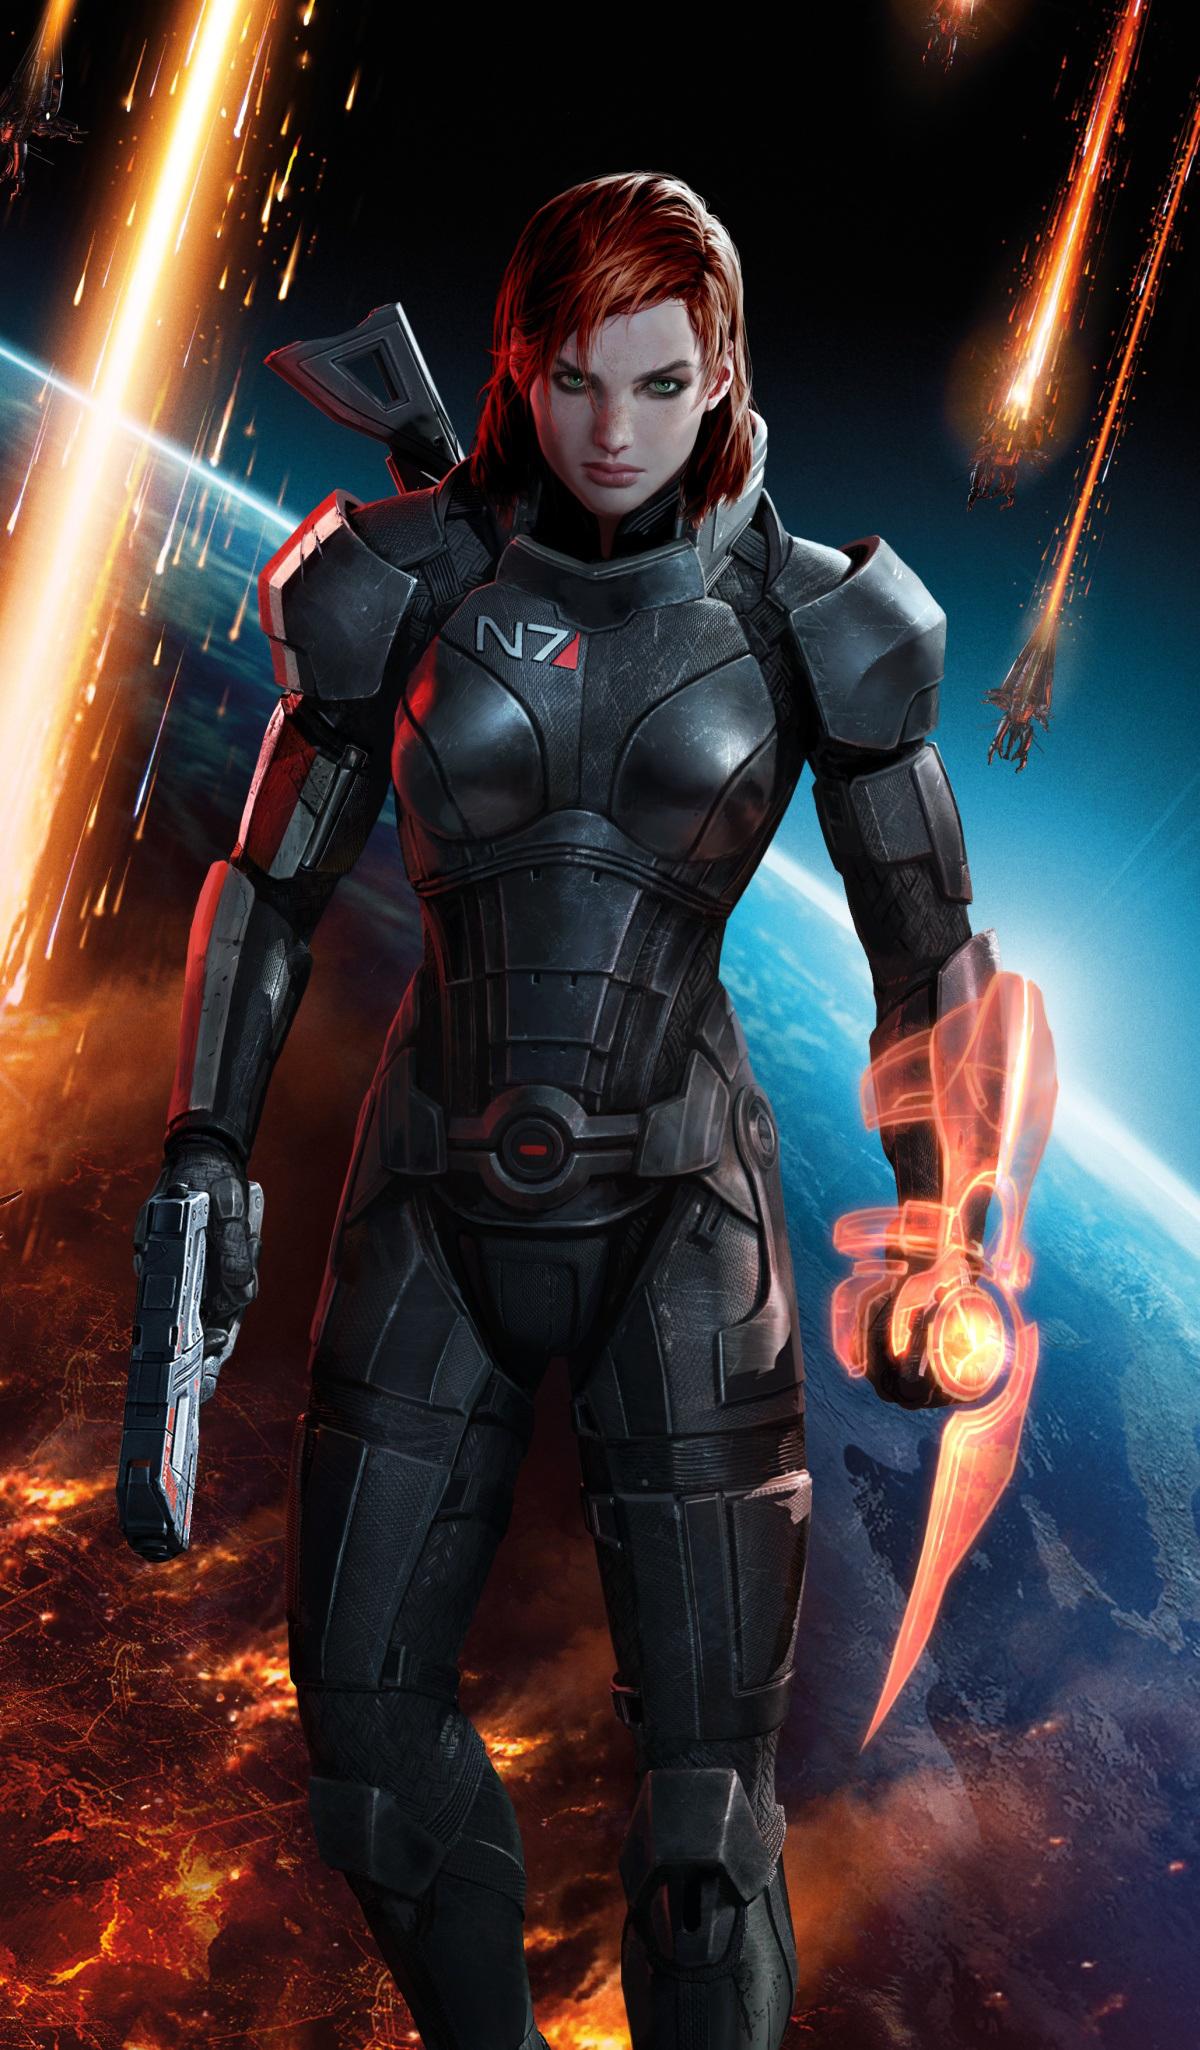 Mass Effect 3 FemShep art 1200